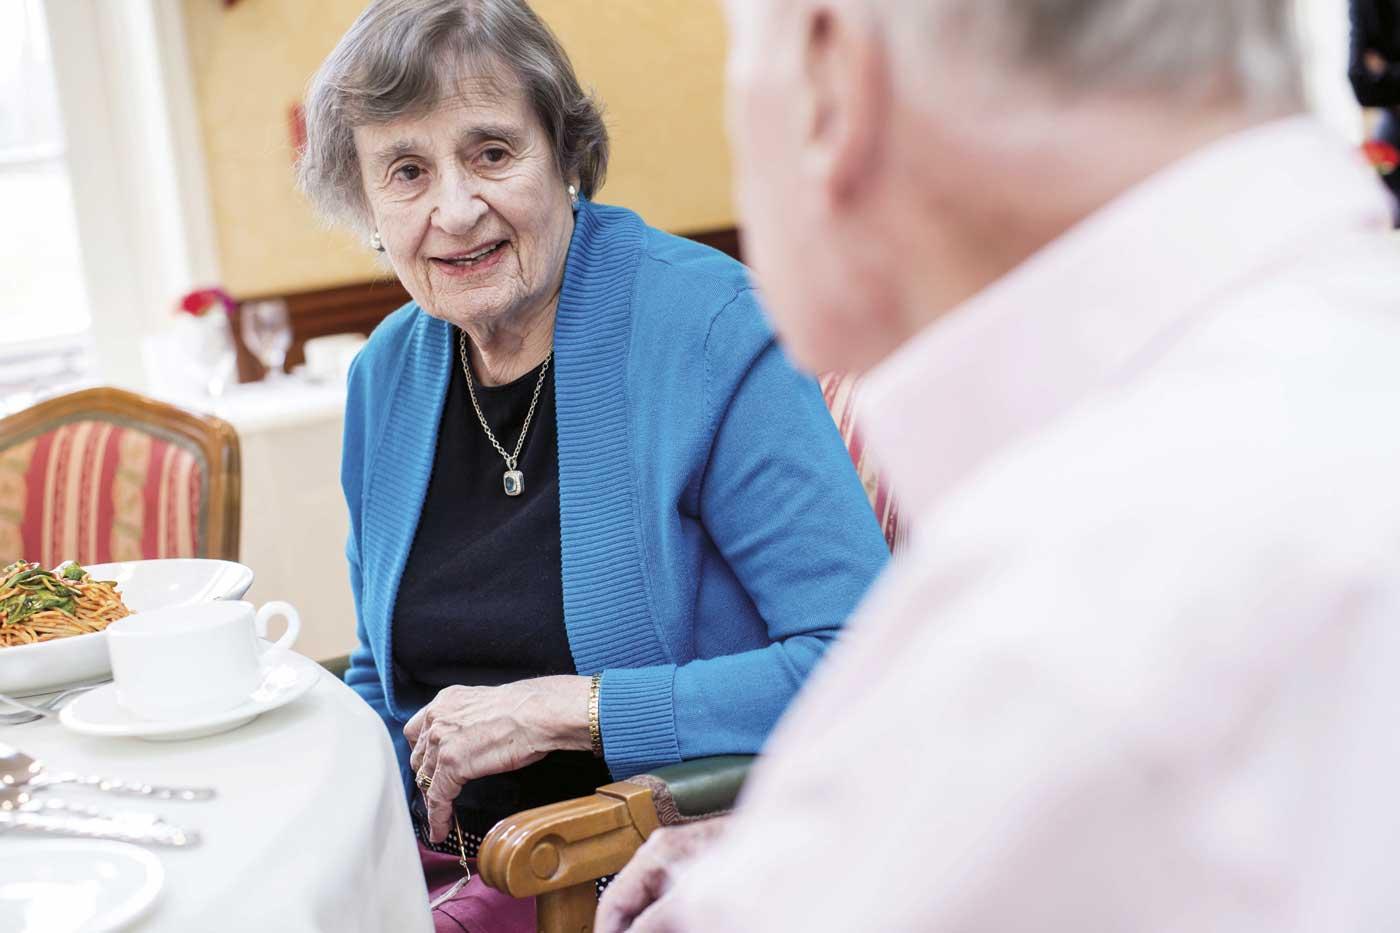 grand oaks senior living resident at dinner